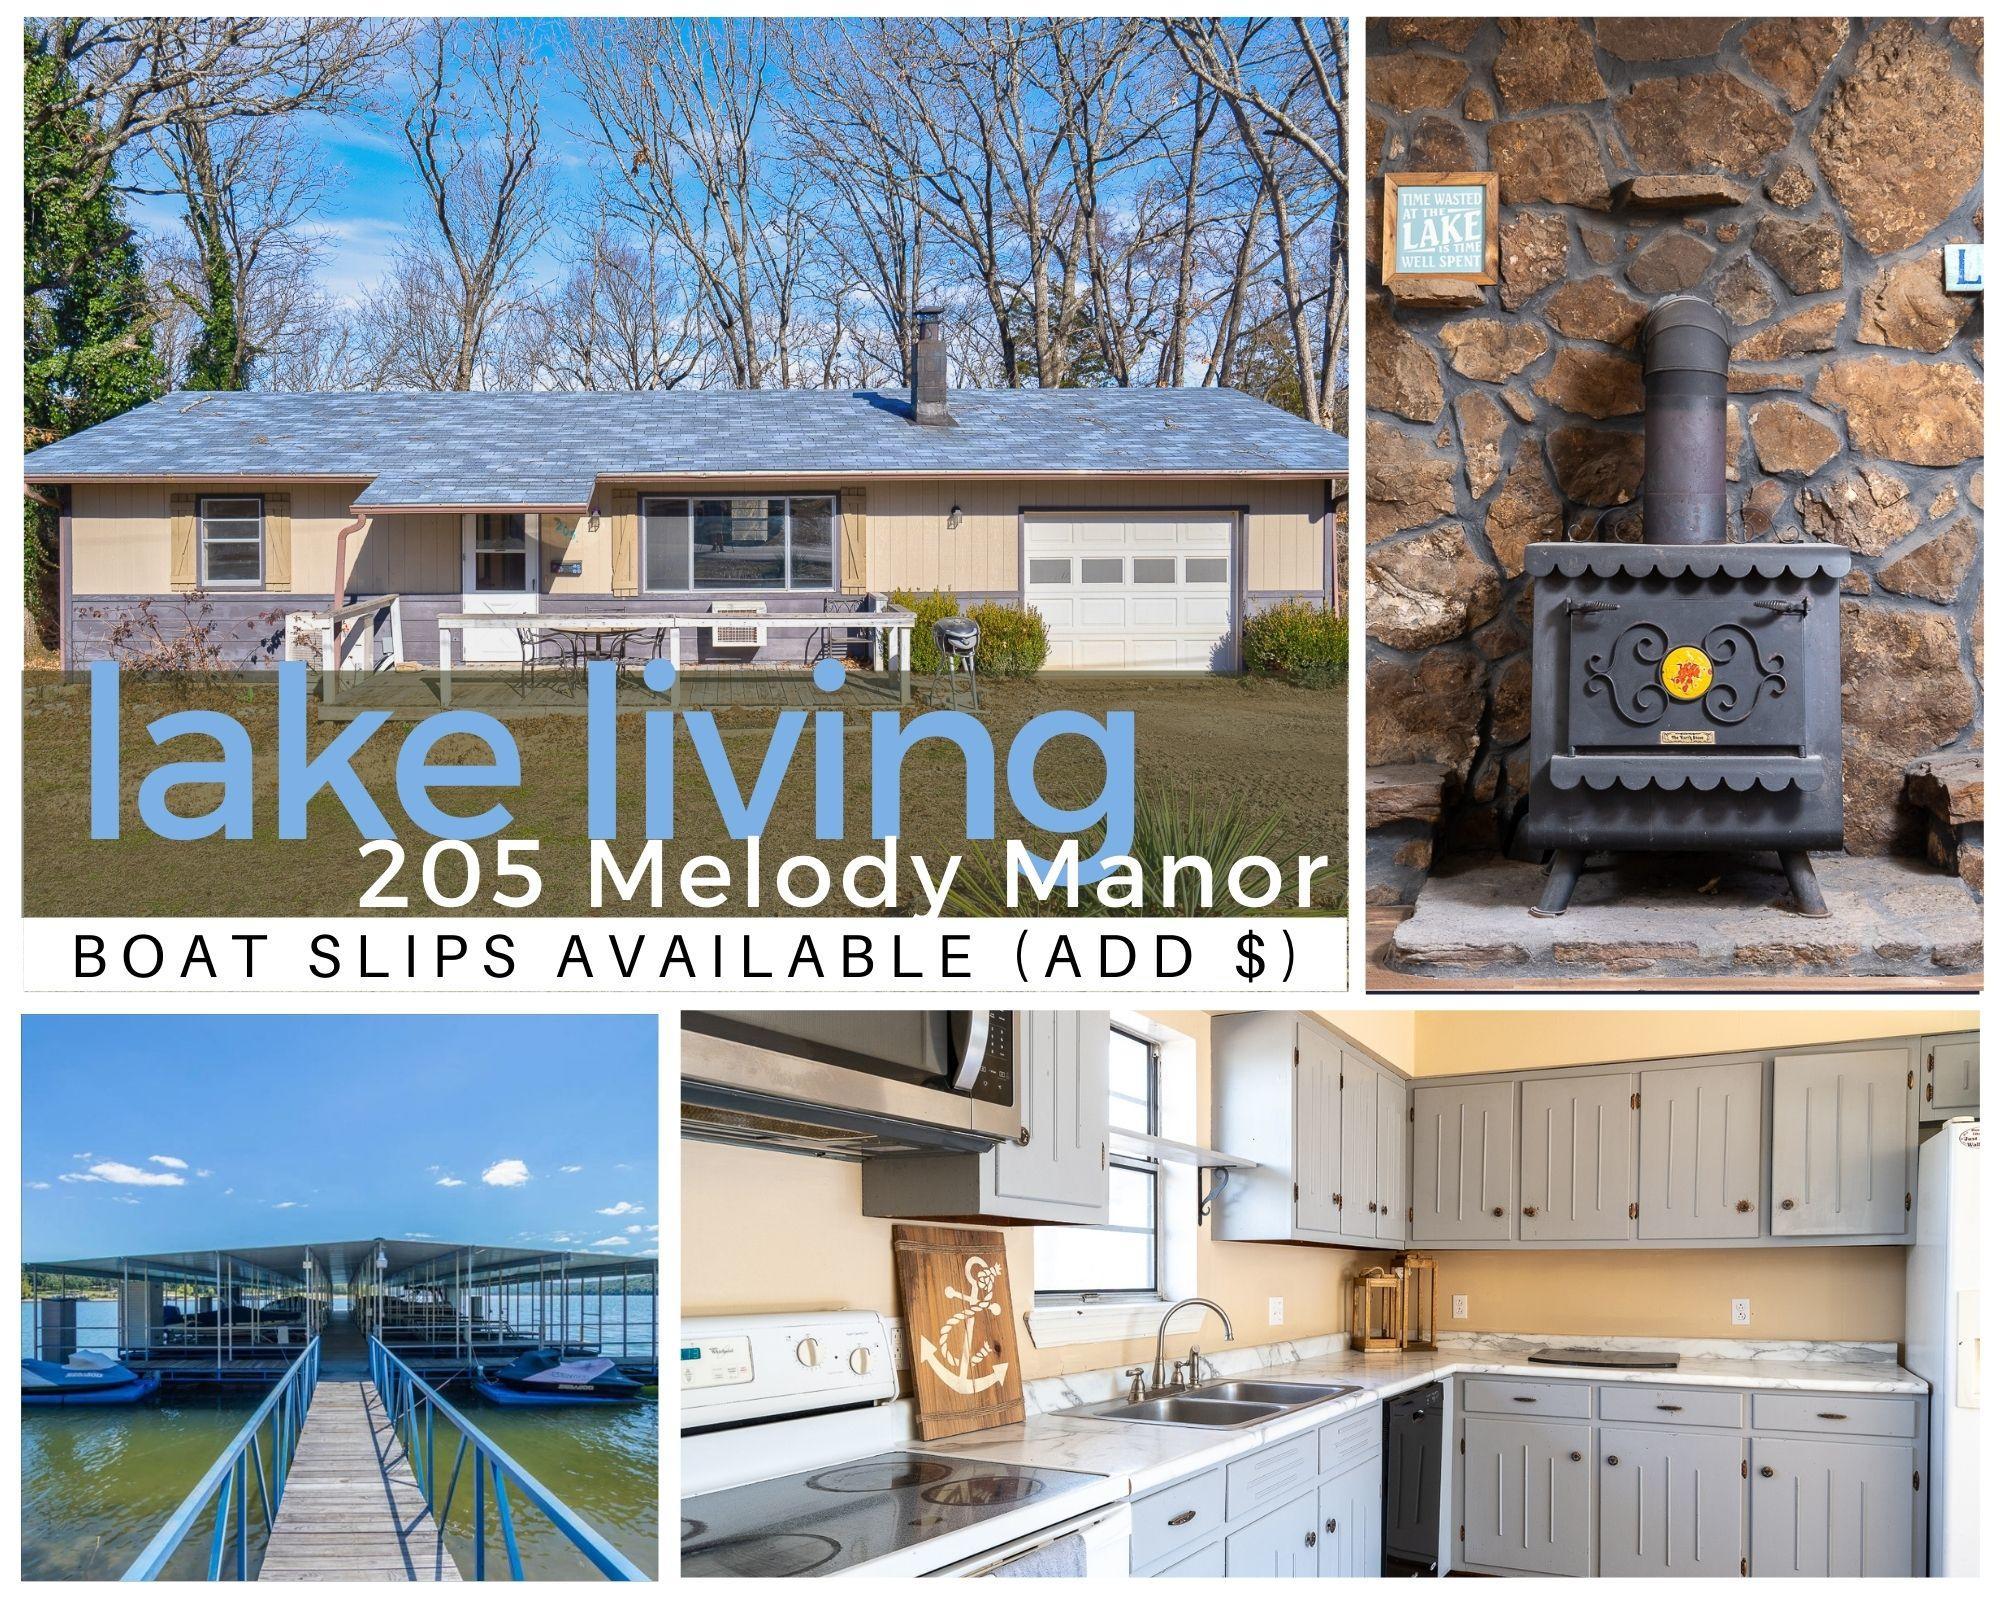 205 Melody Manor Lane Reeds Spring, MO 65737